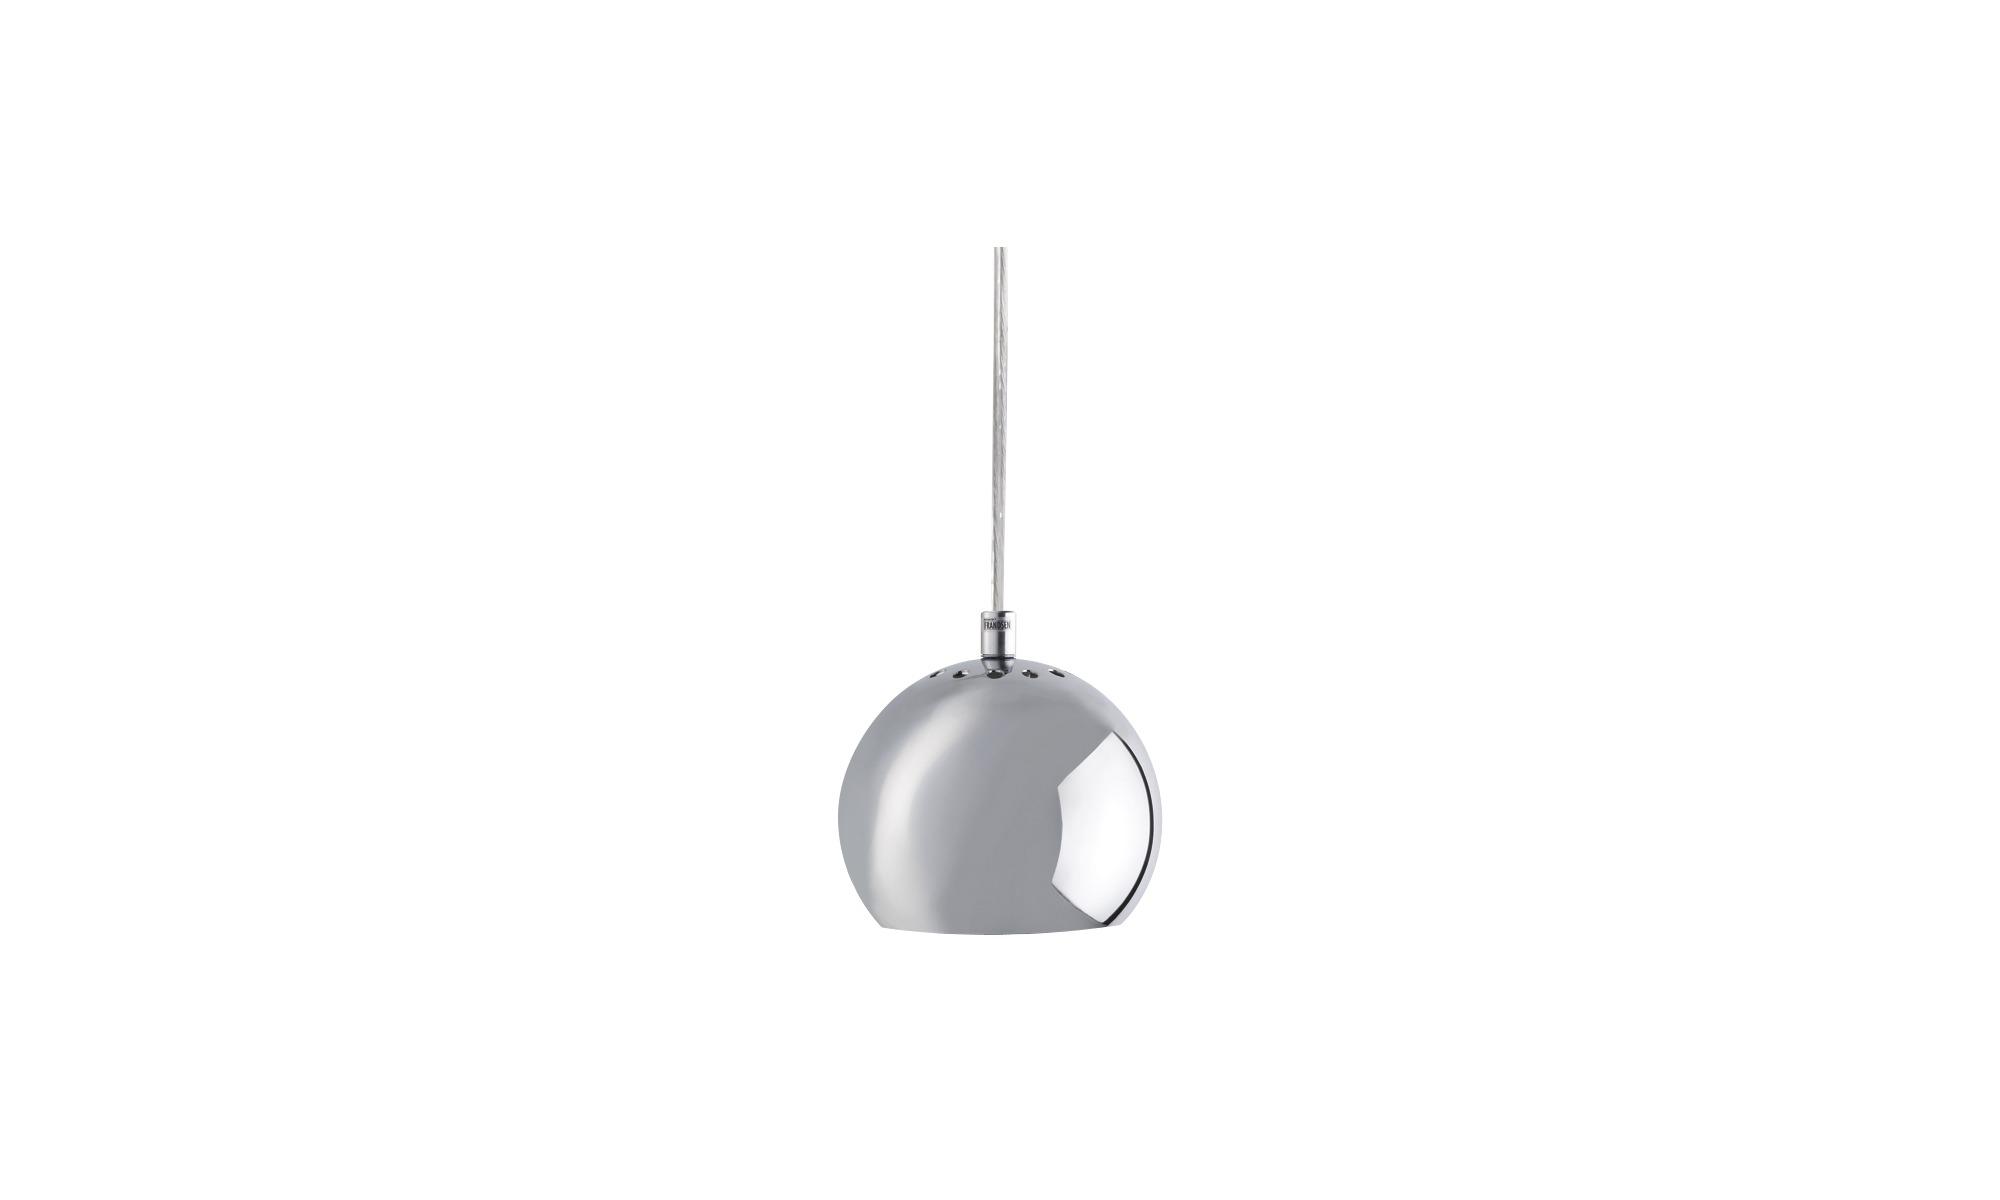 灯具 - Ball吊灯 - 灰色 - 金属